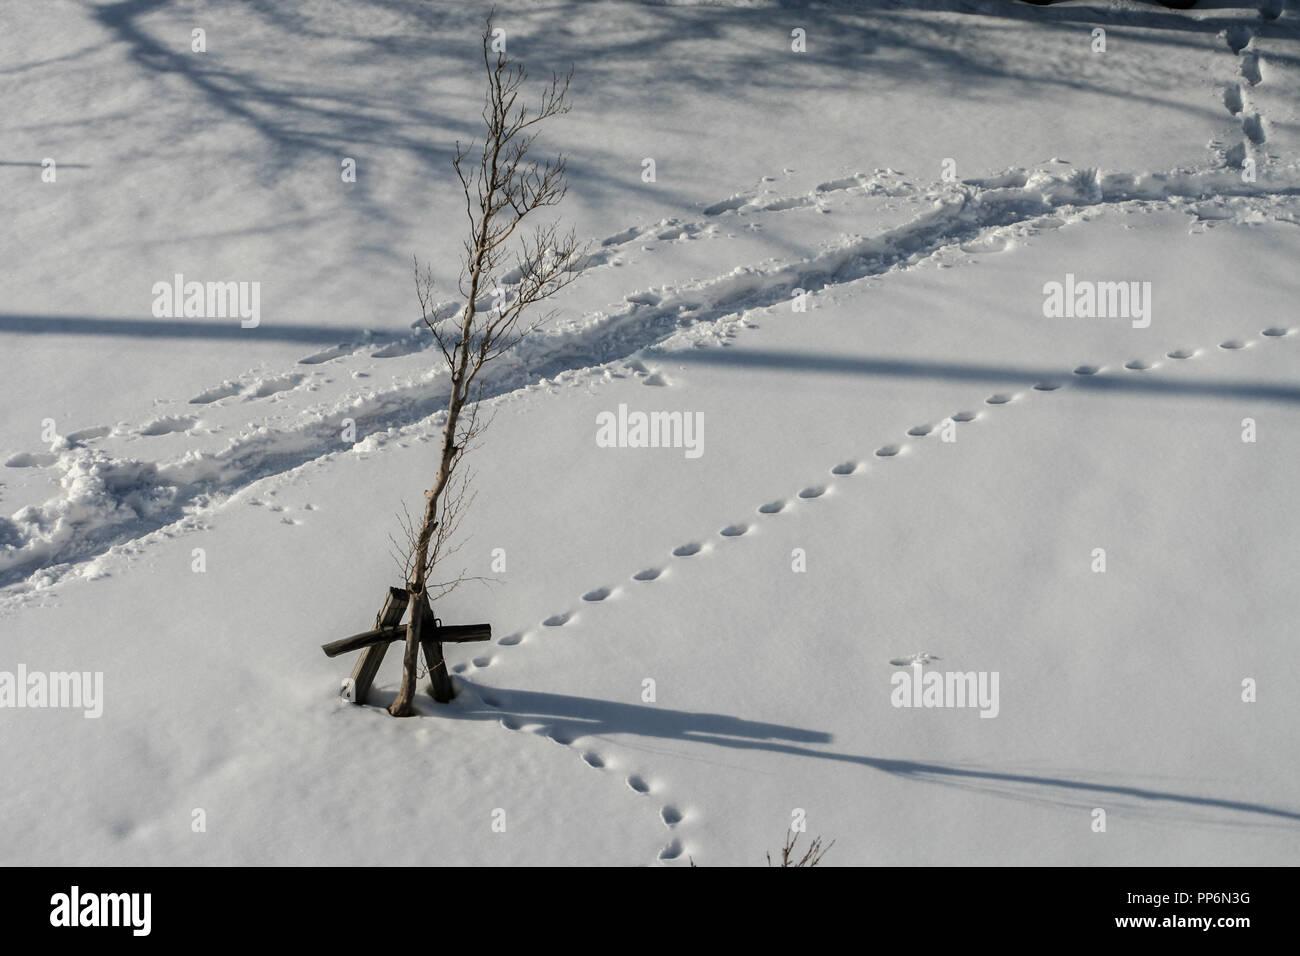 Animal tracks in winter snow, Kanazawa, Japan - Stock Image